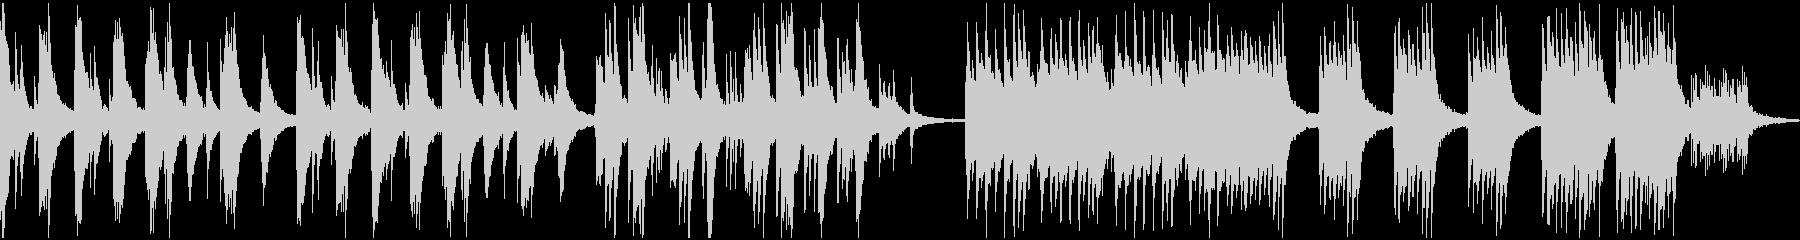 静かな和風ピアノソロ・ループの未再生の波形